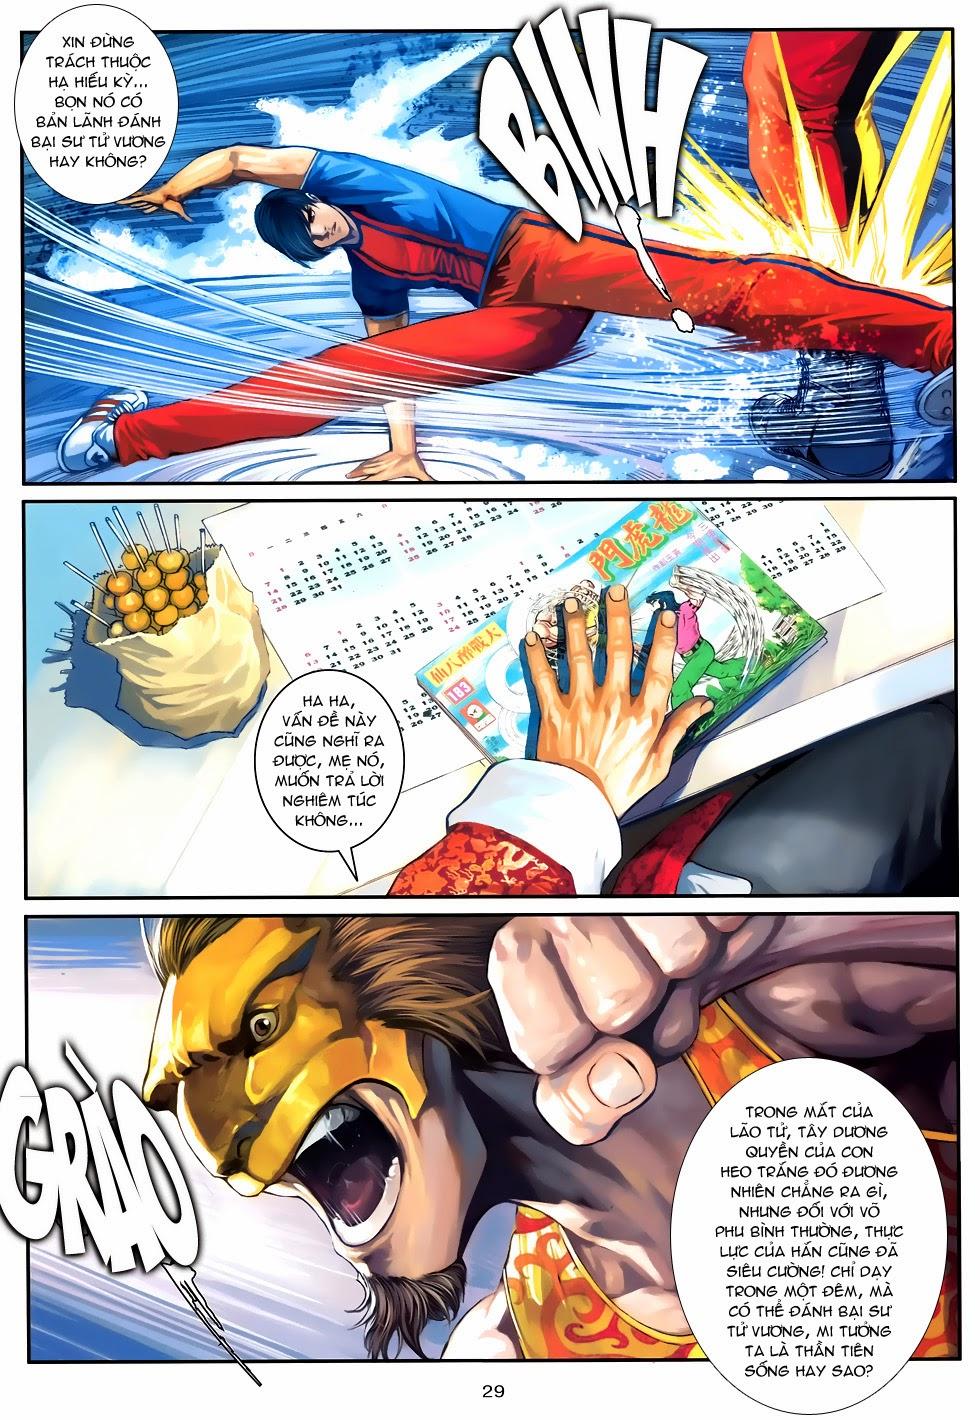 Quyền Đạo chapter 9 trang 29